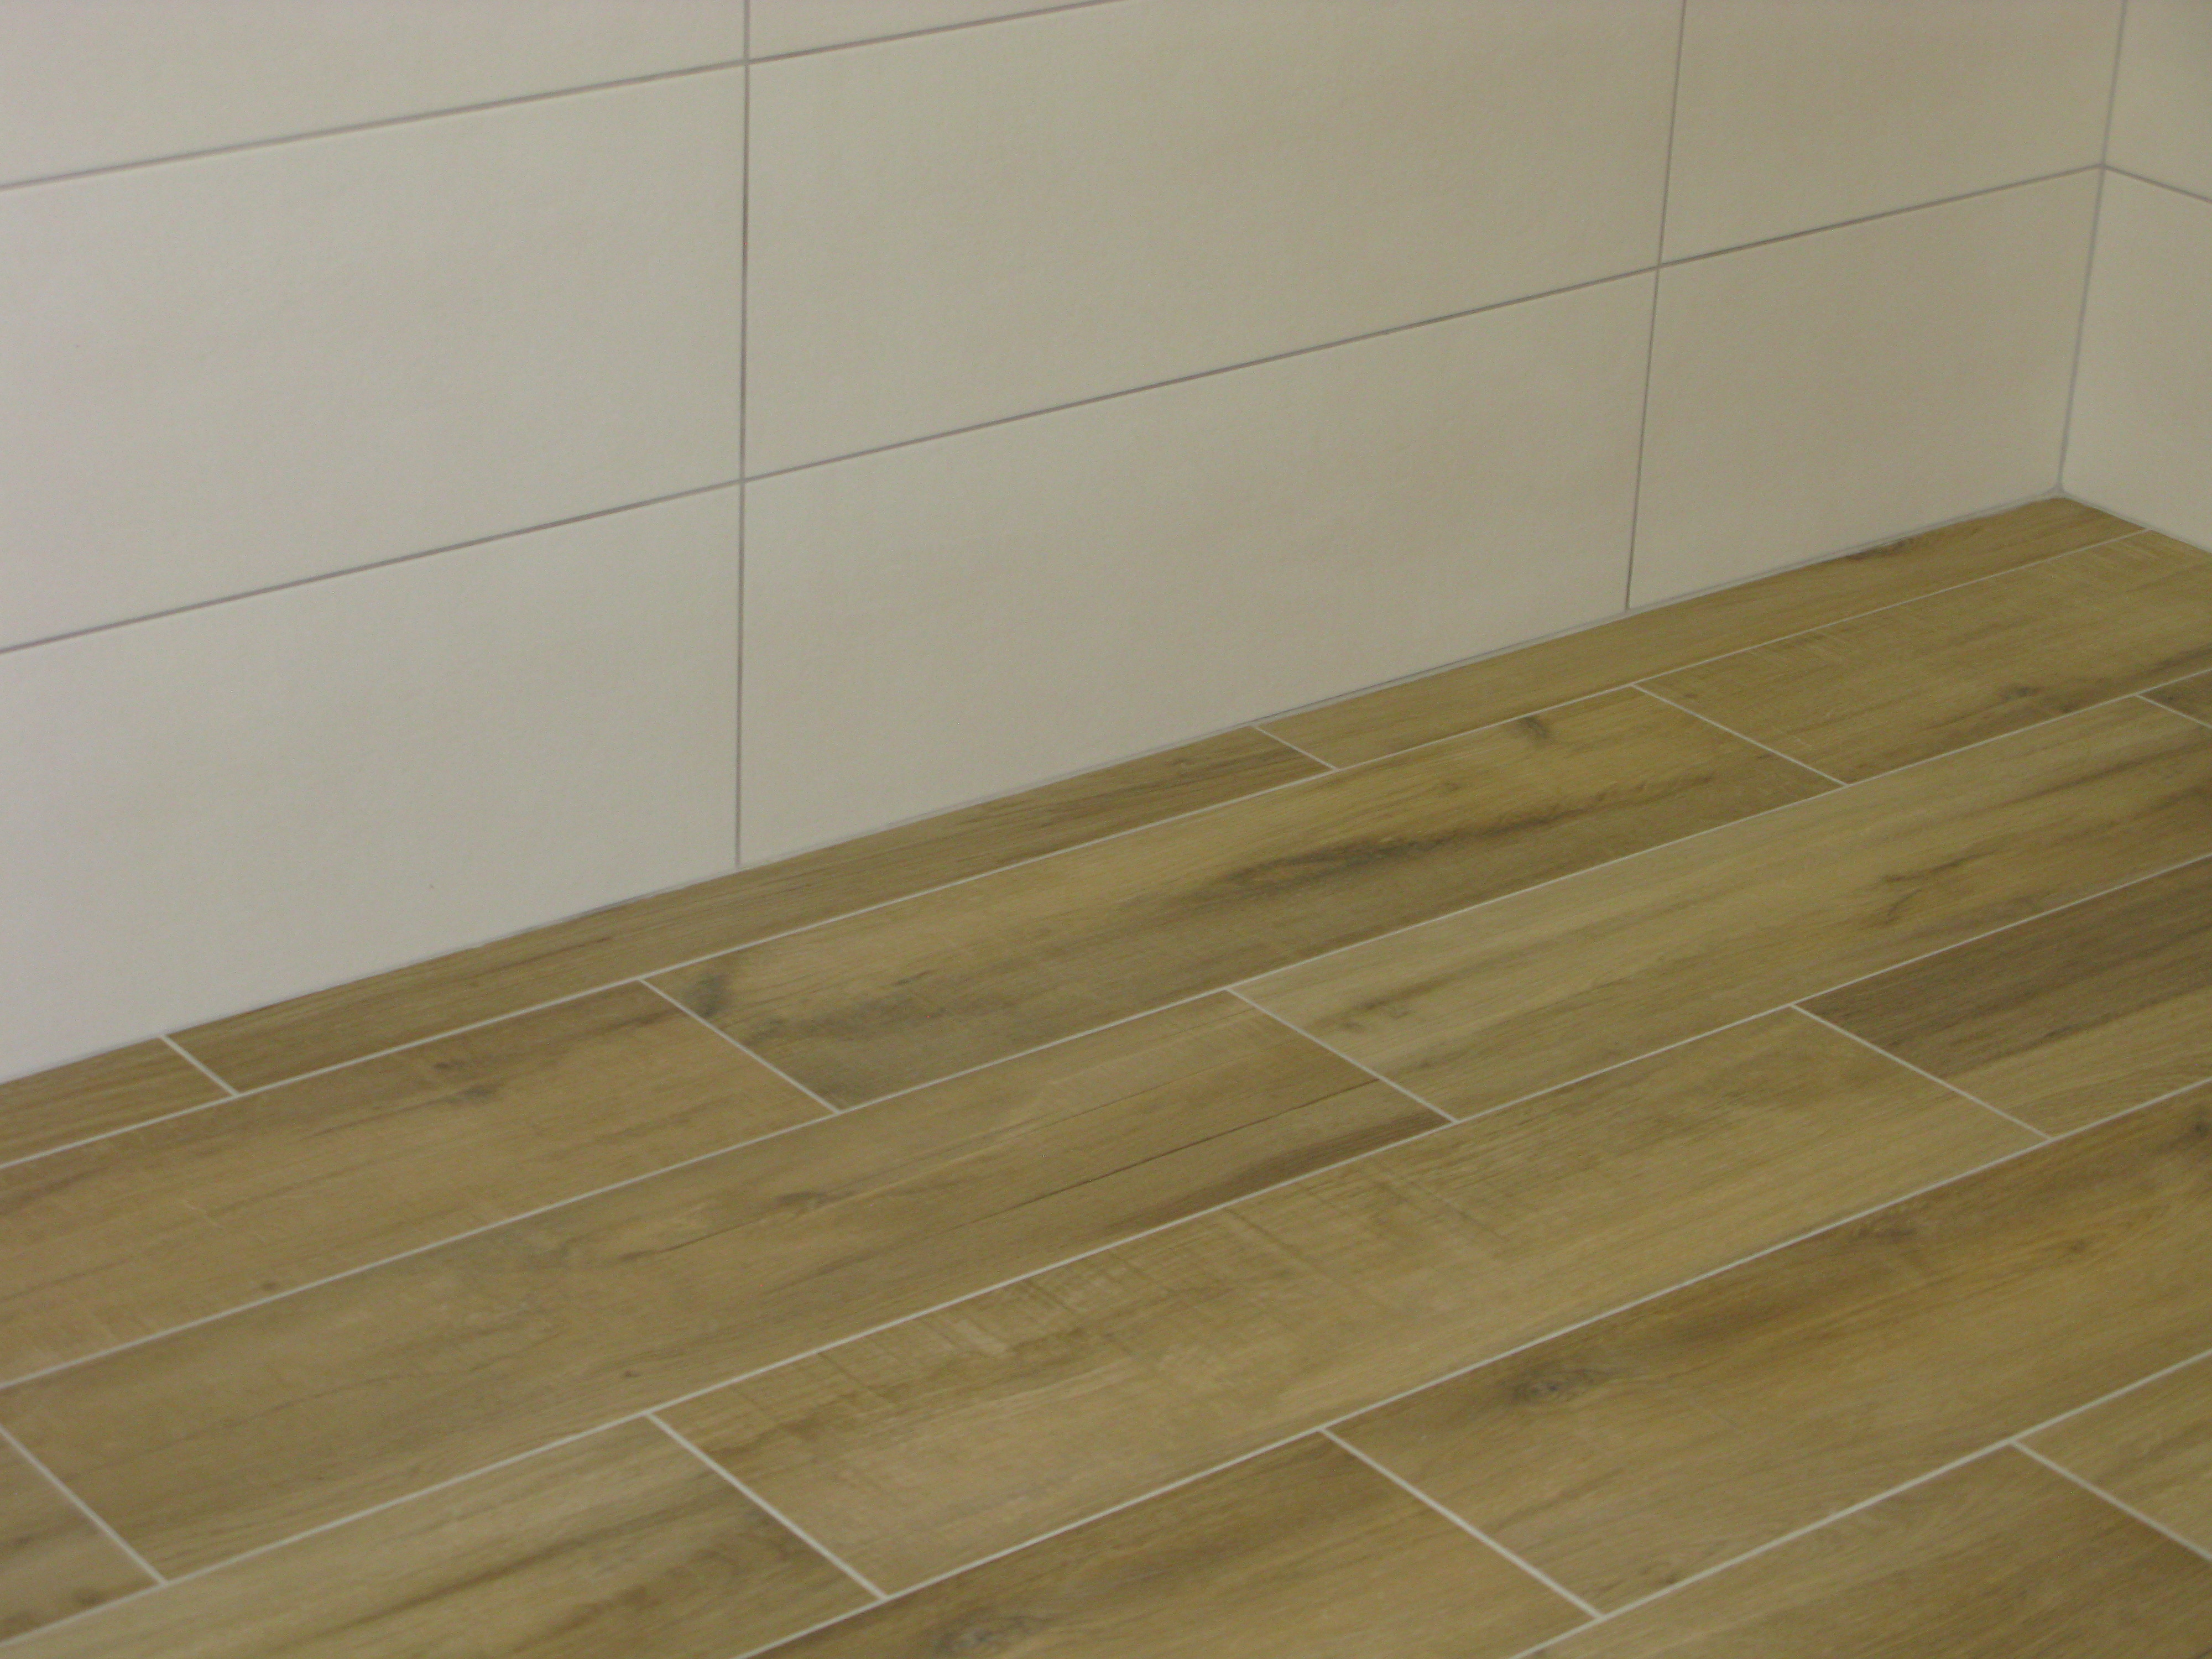 carrelage salle de bain 15x15 Sunset et Blind Saloni